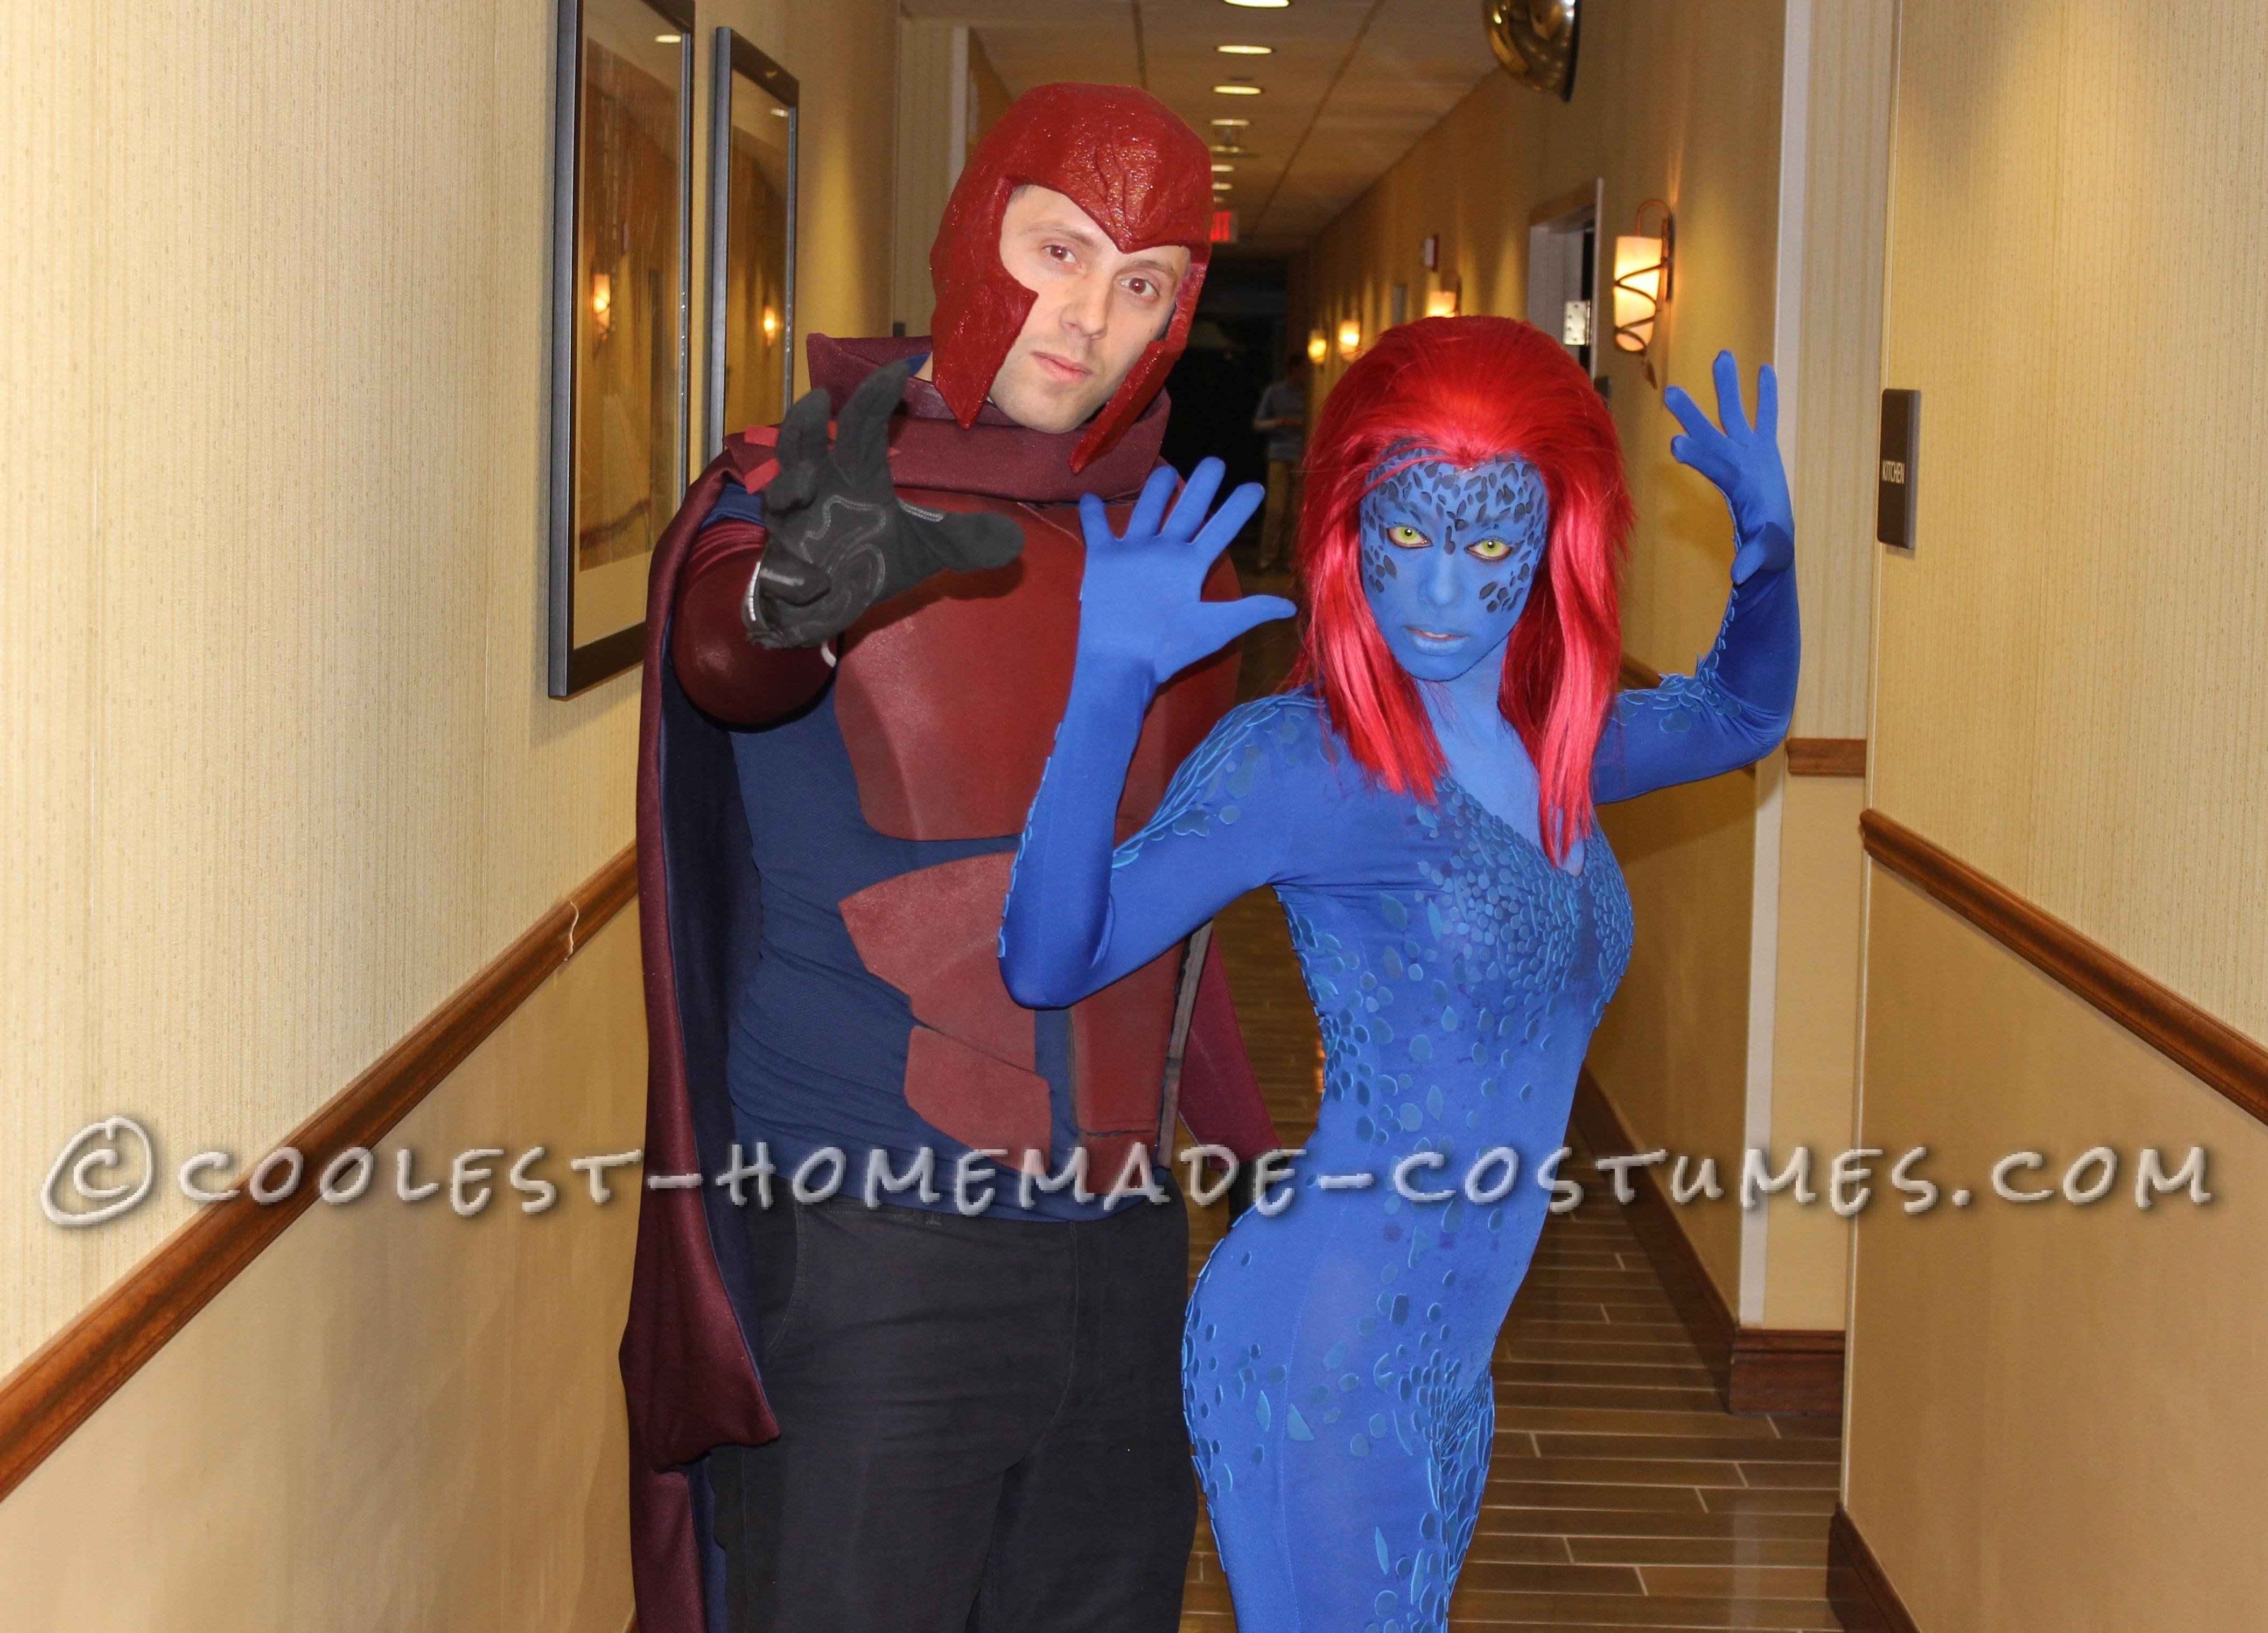 Supervillainous Magneto and Mystique Costumes